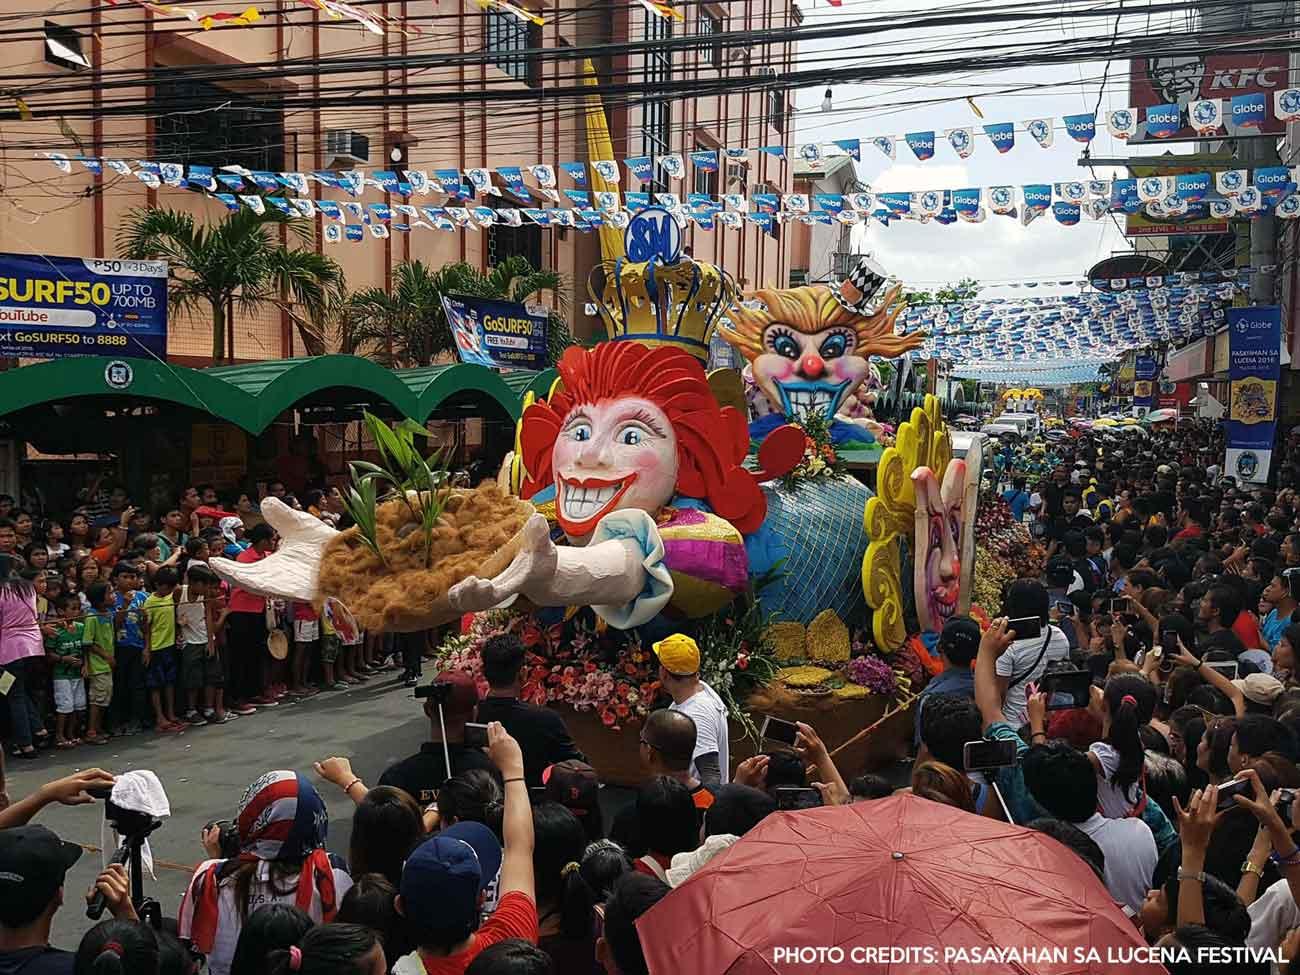 pasayahan festival